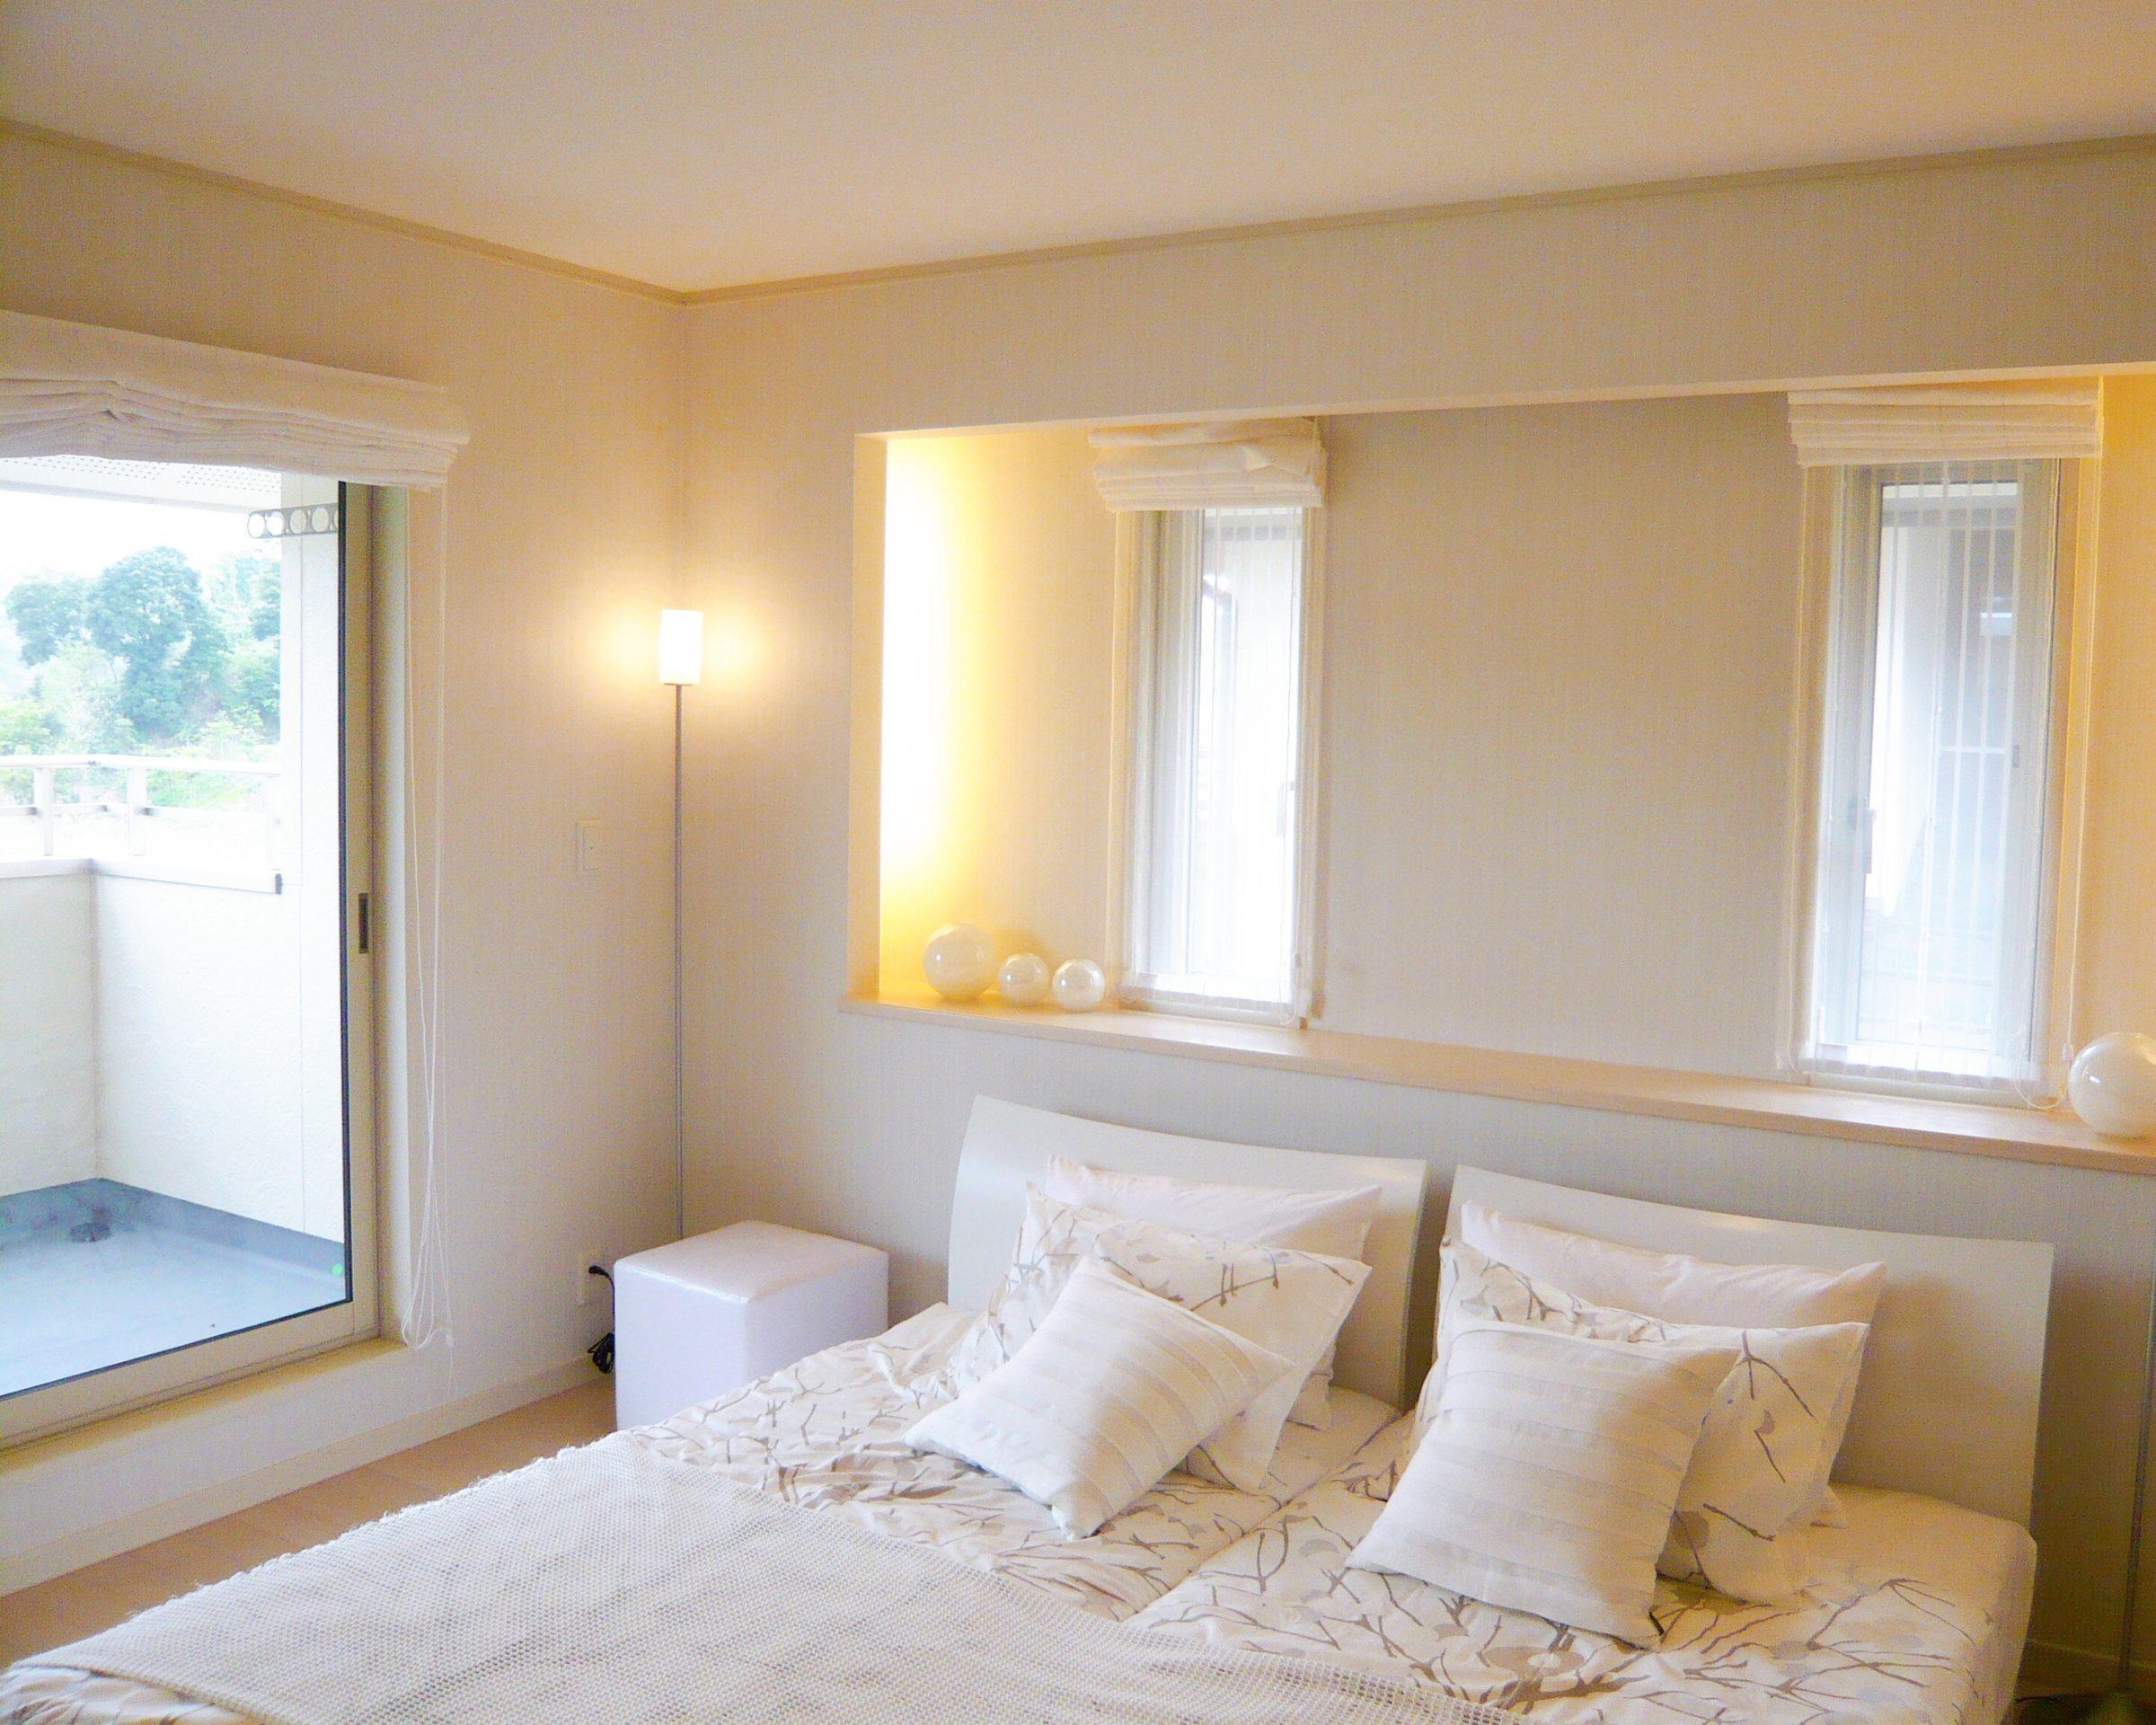 白で統一されたラグジュアリー感のある寝室